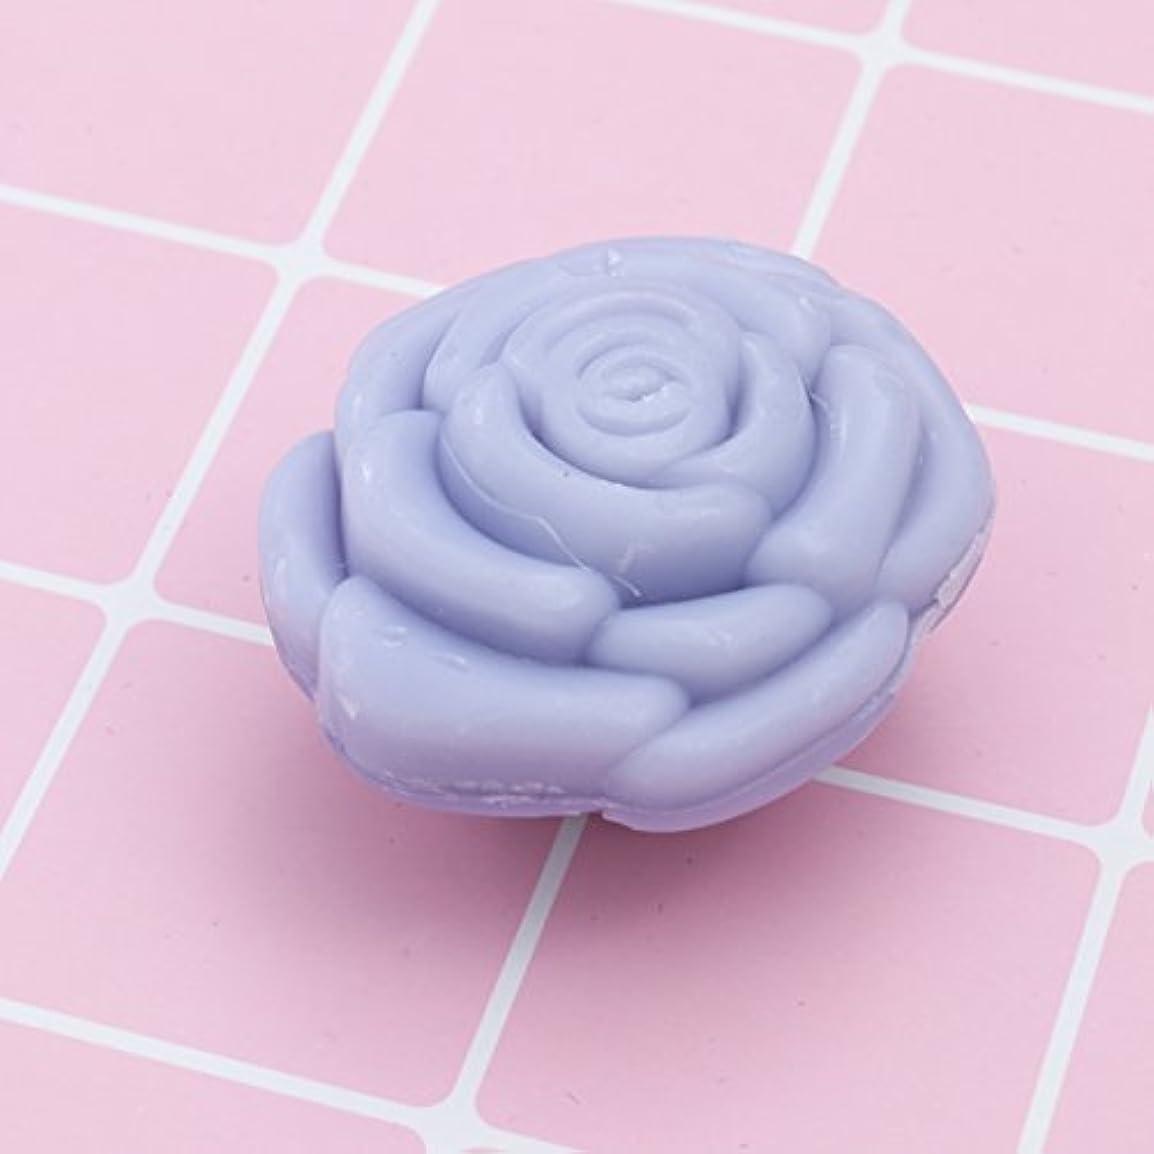 州愛国的な海洋Amosfun 手作り石鹸オイルローズフラワーソープアロマエッセンシャルオイルギフト記念日誕生日結婚式バレンタインデー(紫)20ピース